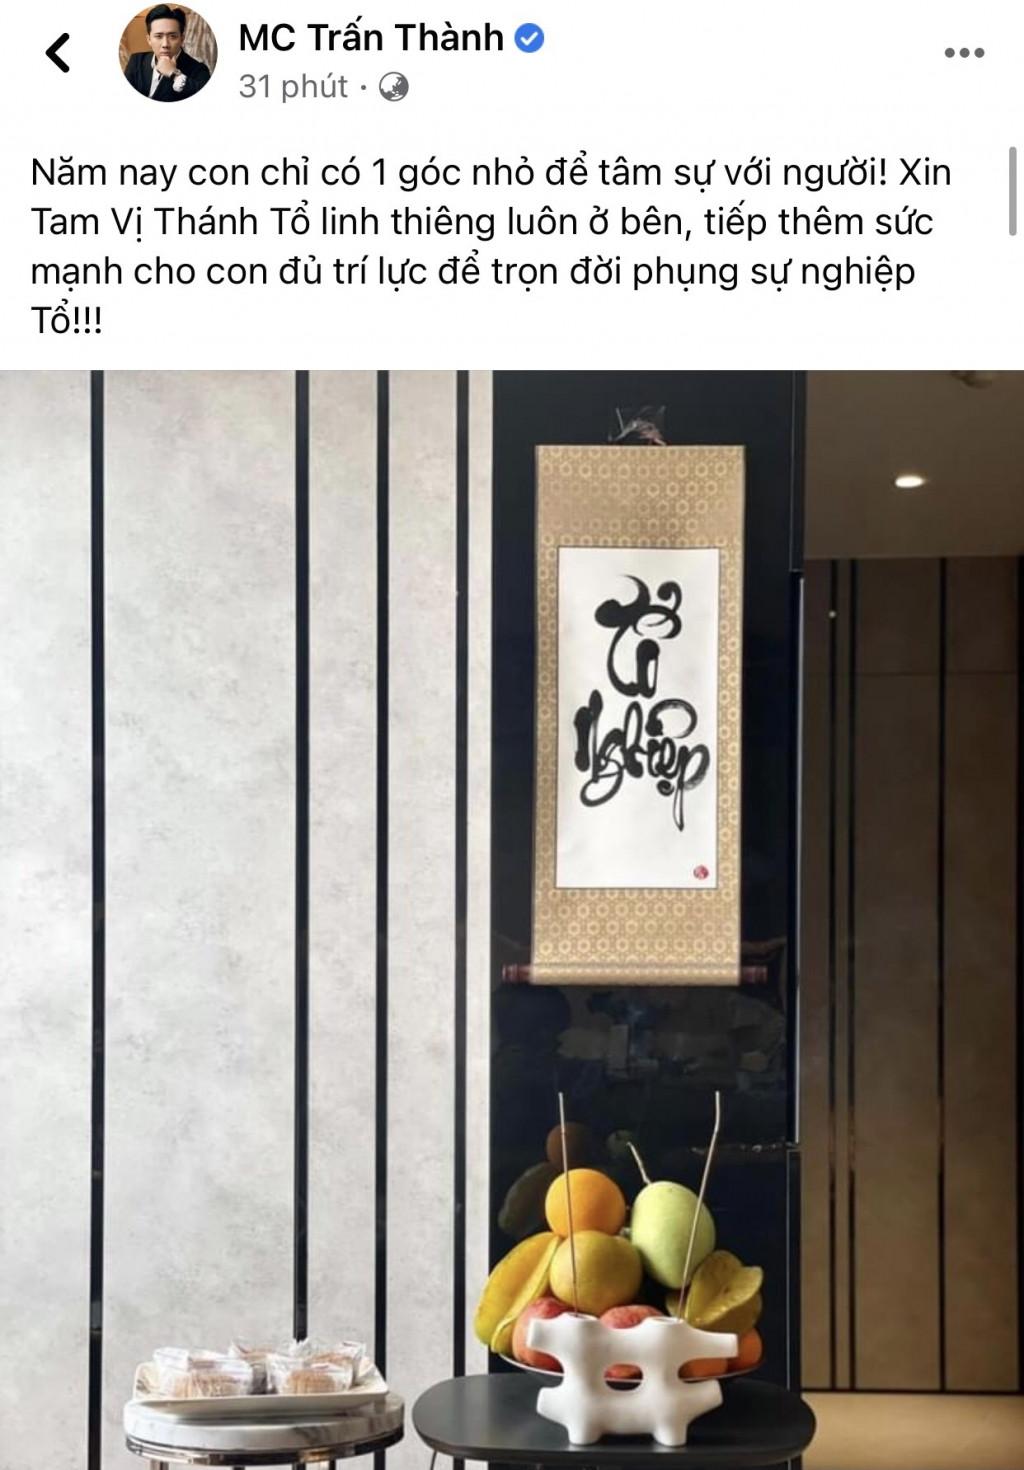 Trấn Thành đăng hình cúng Tổ nghề giản dị sau 'sóng gió'